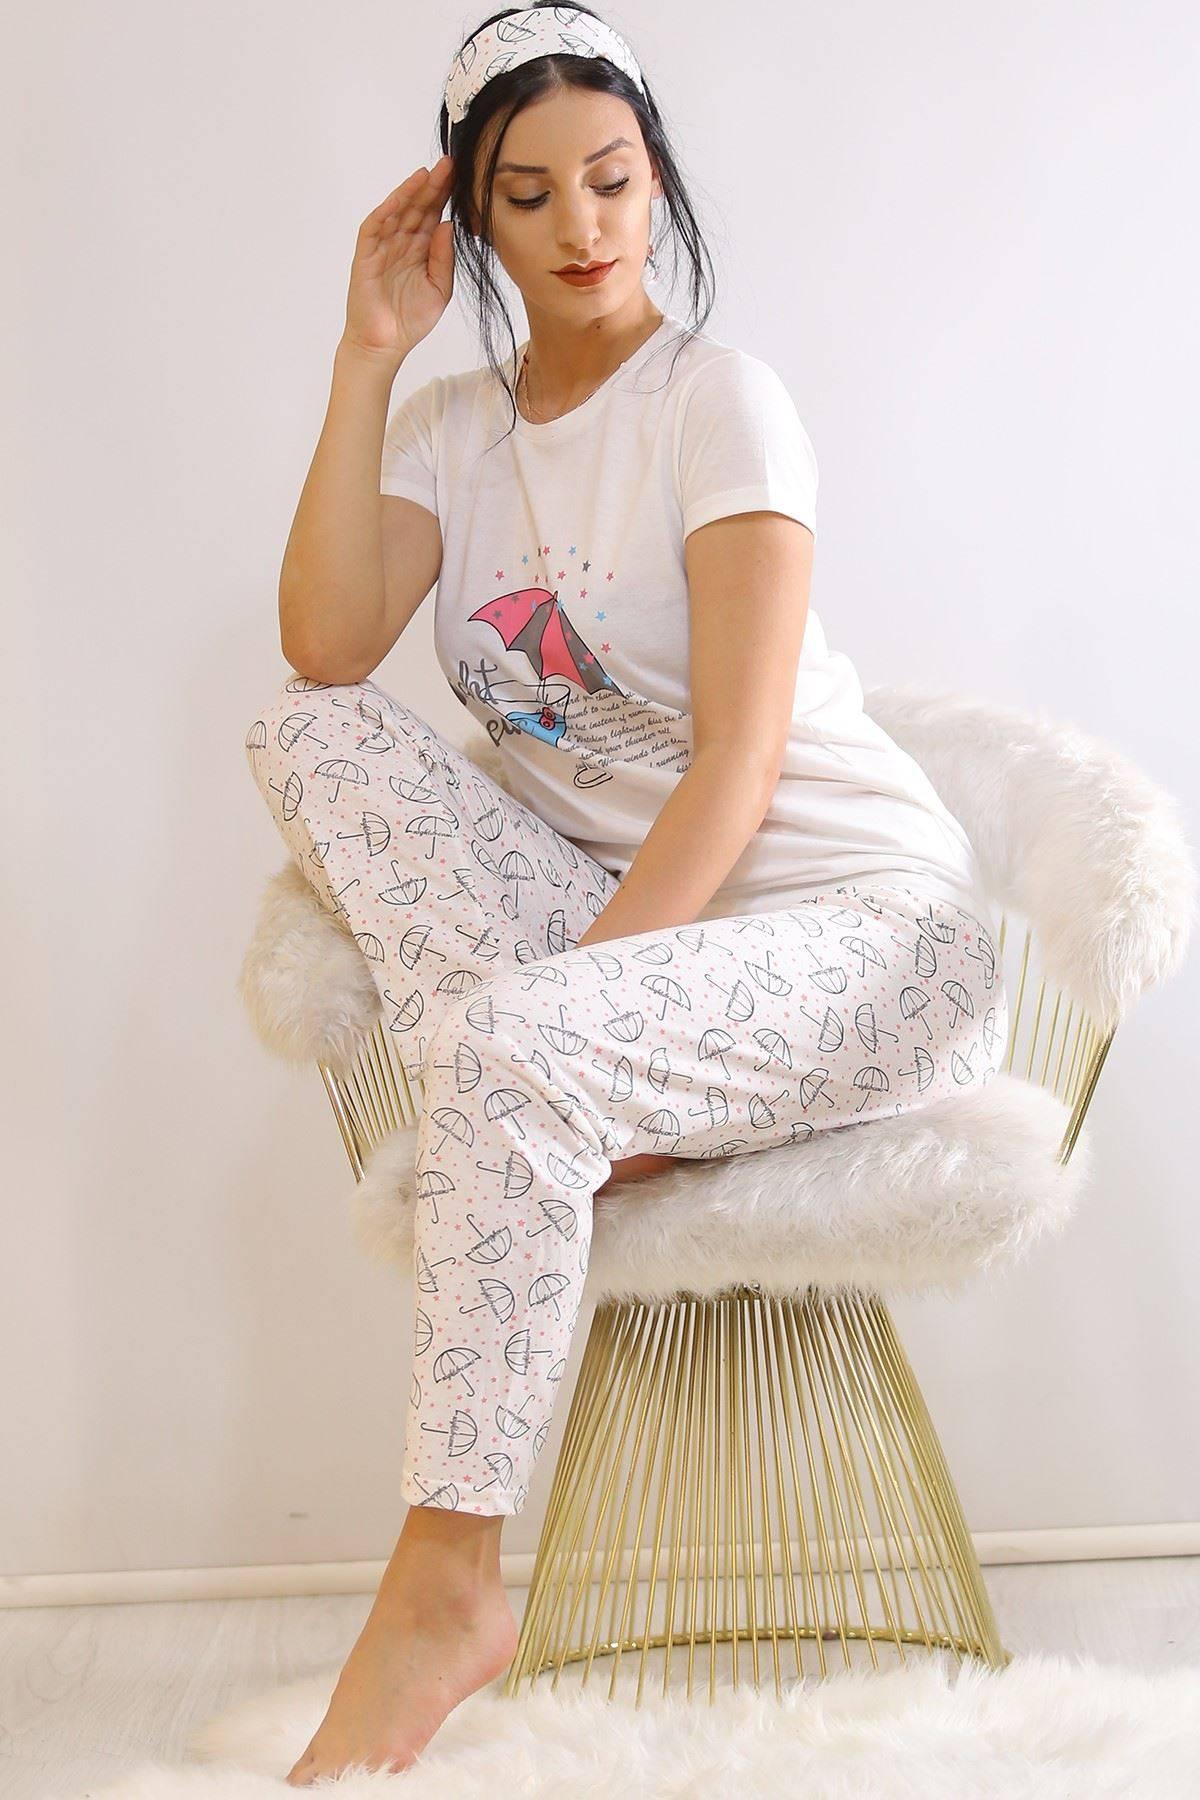 Baskılı Pijama Takımı Beyaz - 21462.1059.